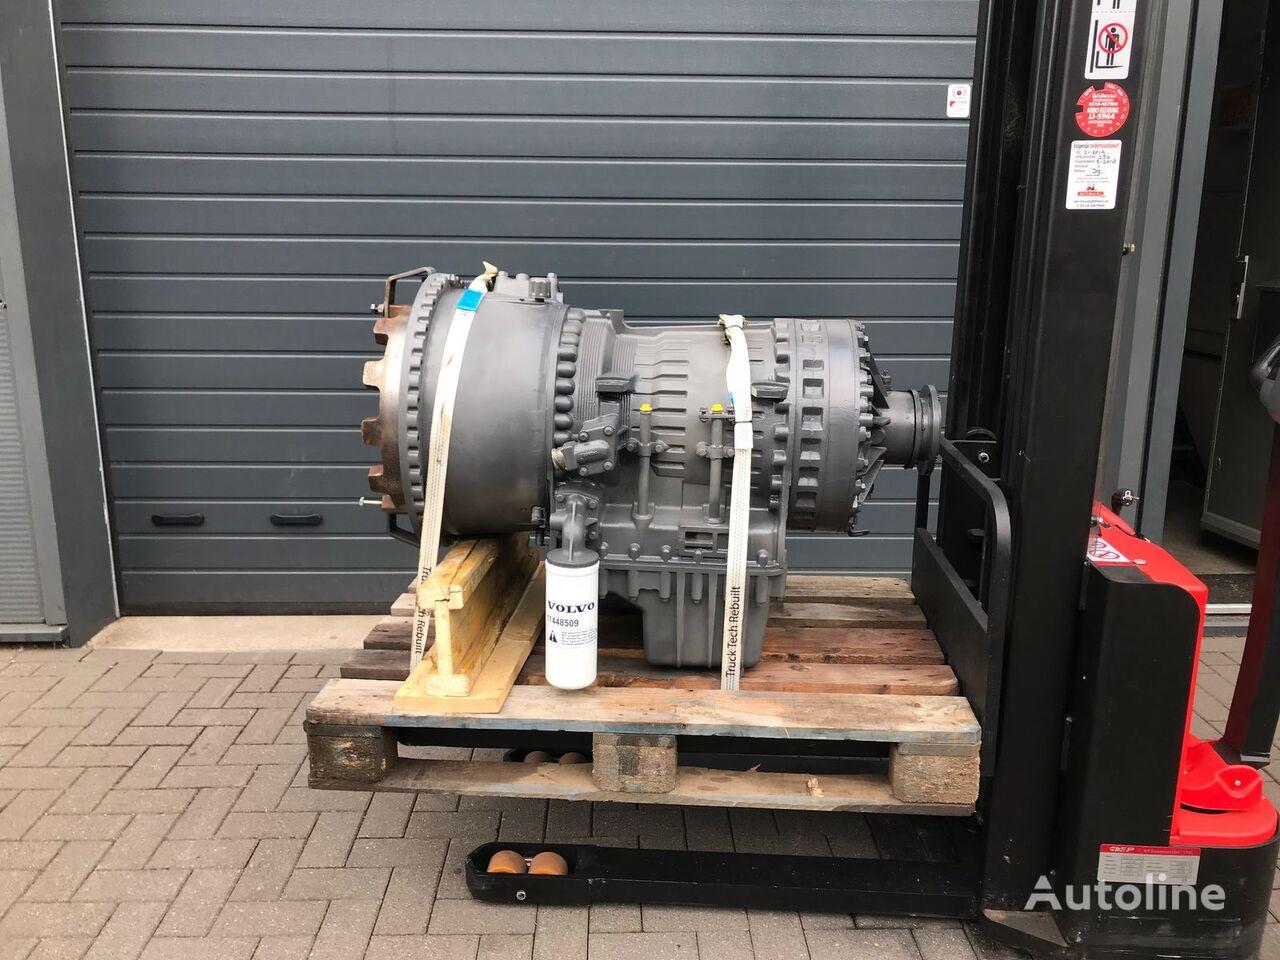 caixa de velocidades VOLVO PT1862 22640 22650 para carregadeira de rodas VOLVO knikdumper nova